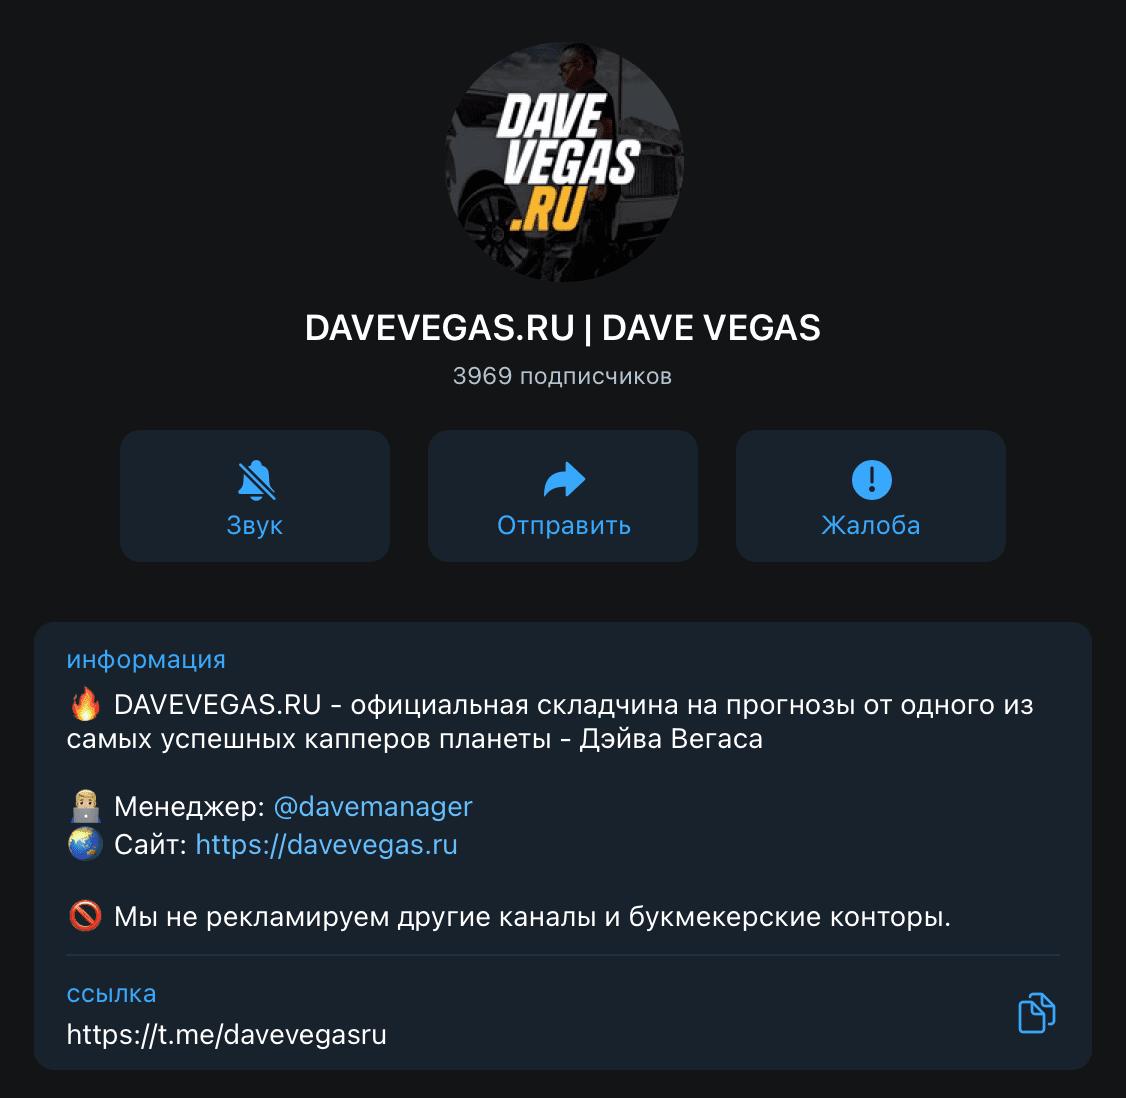 Телеграм канал davevegas.ru(Дэйв Вегас)